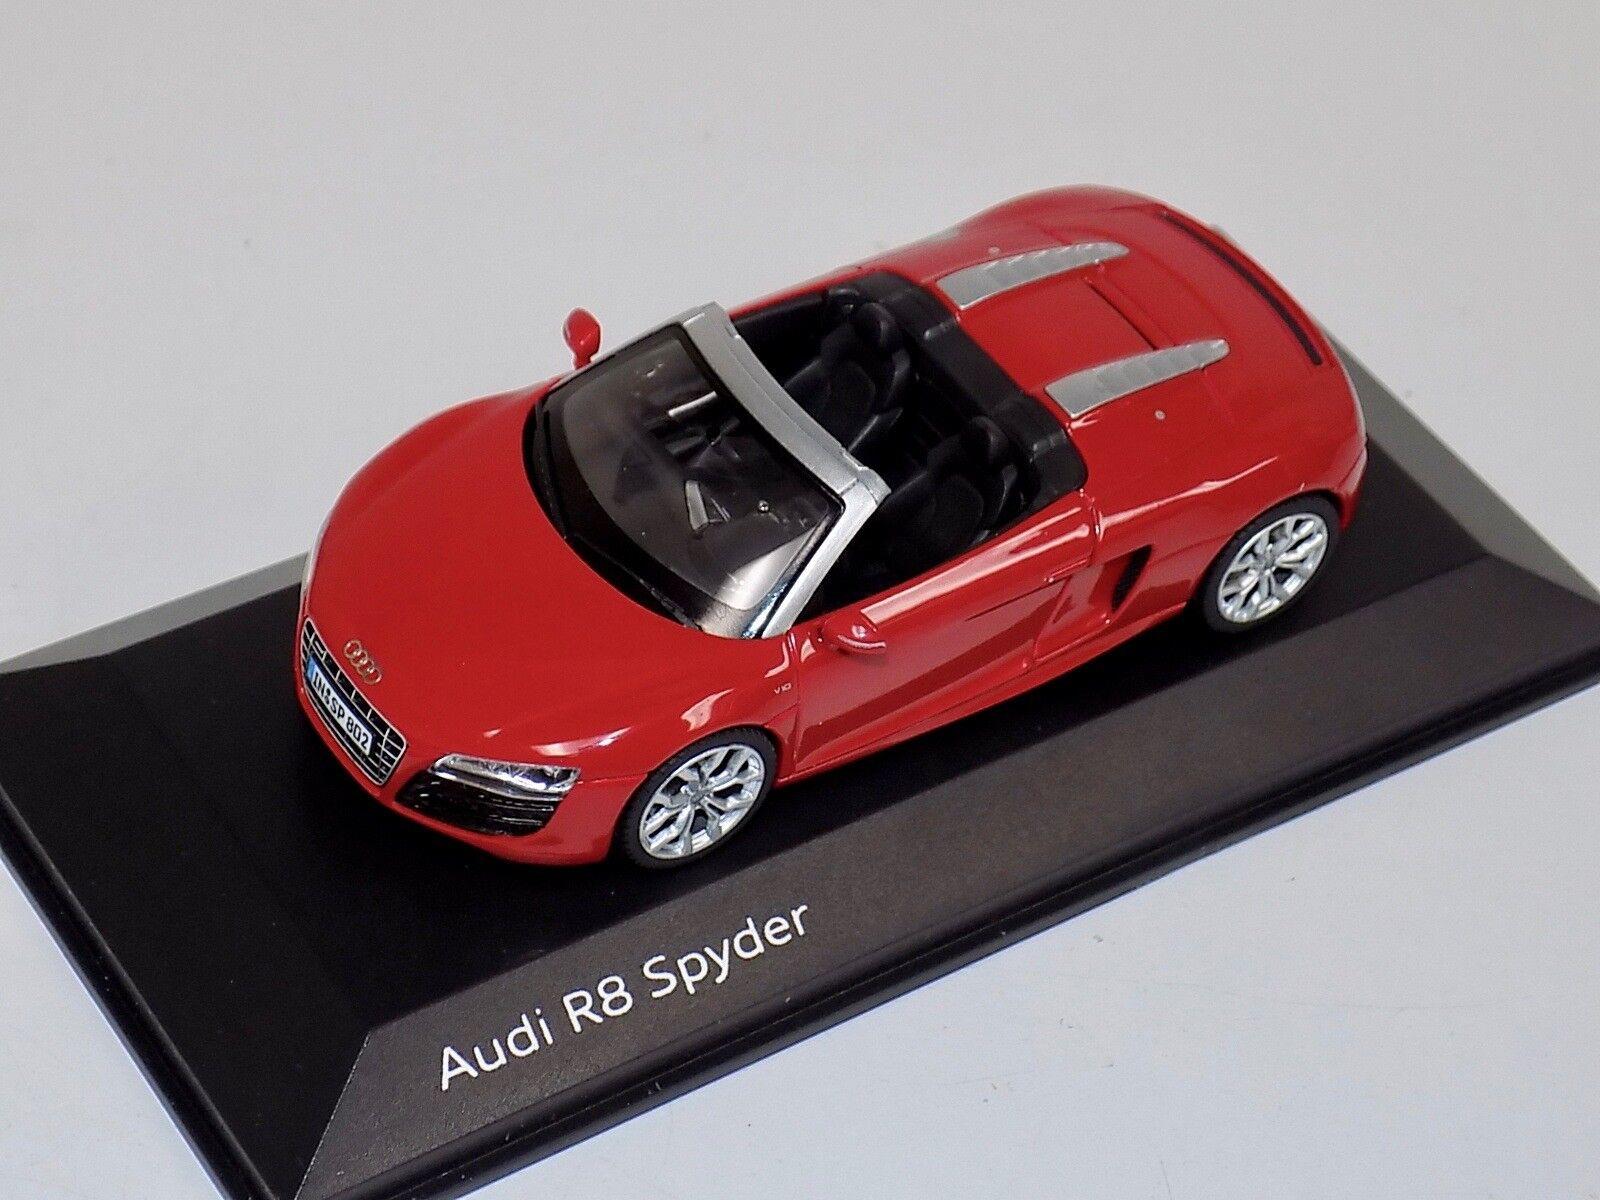 n ° 1 online 1 43 43 43 Minichamps Audi A8 Spyder in Brillant rosso Dealer edizione  compra meglio